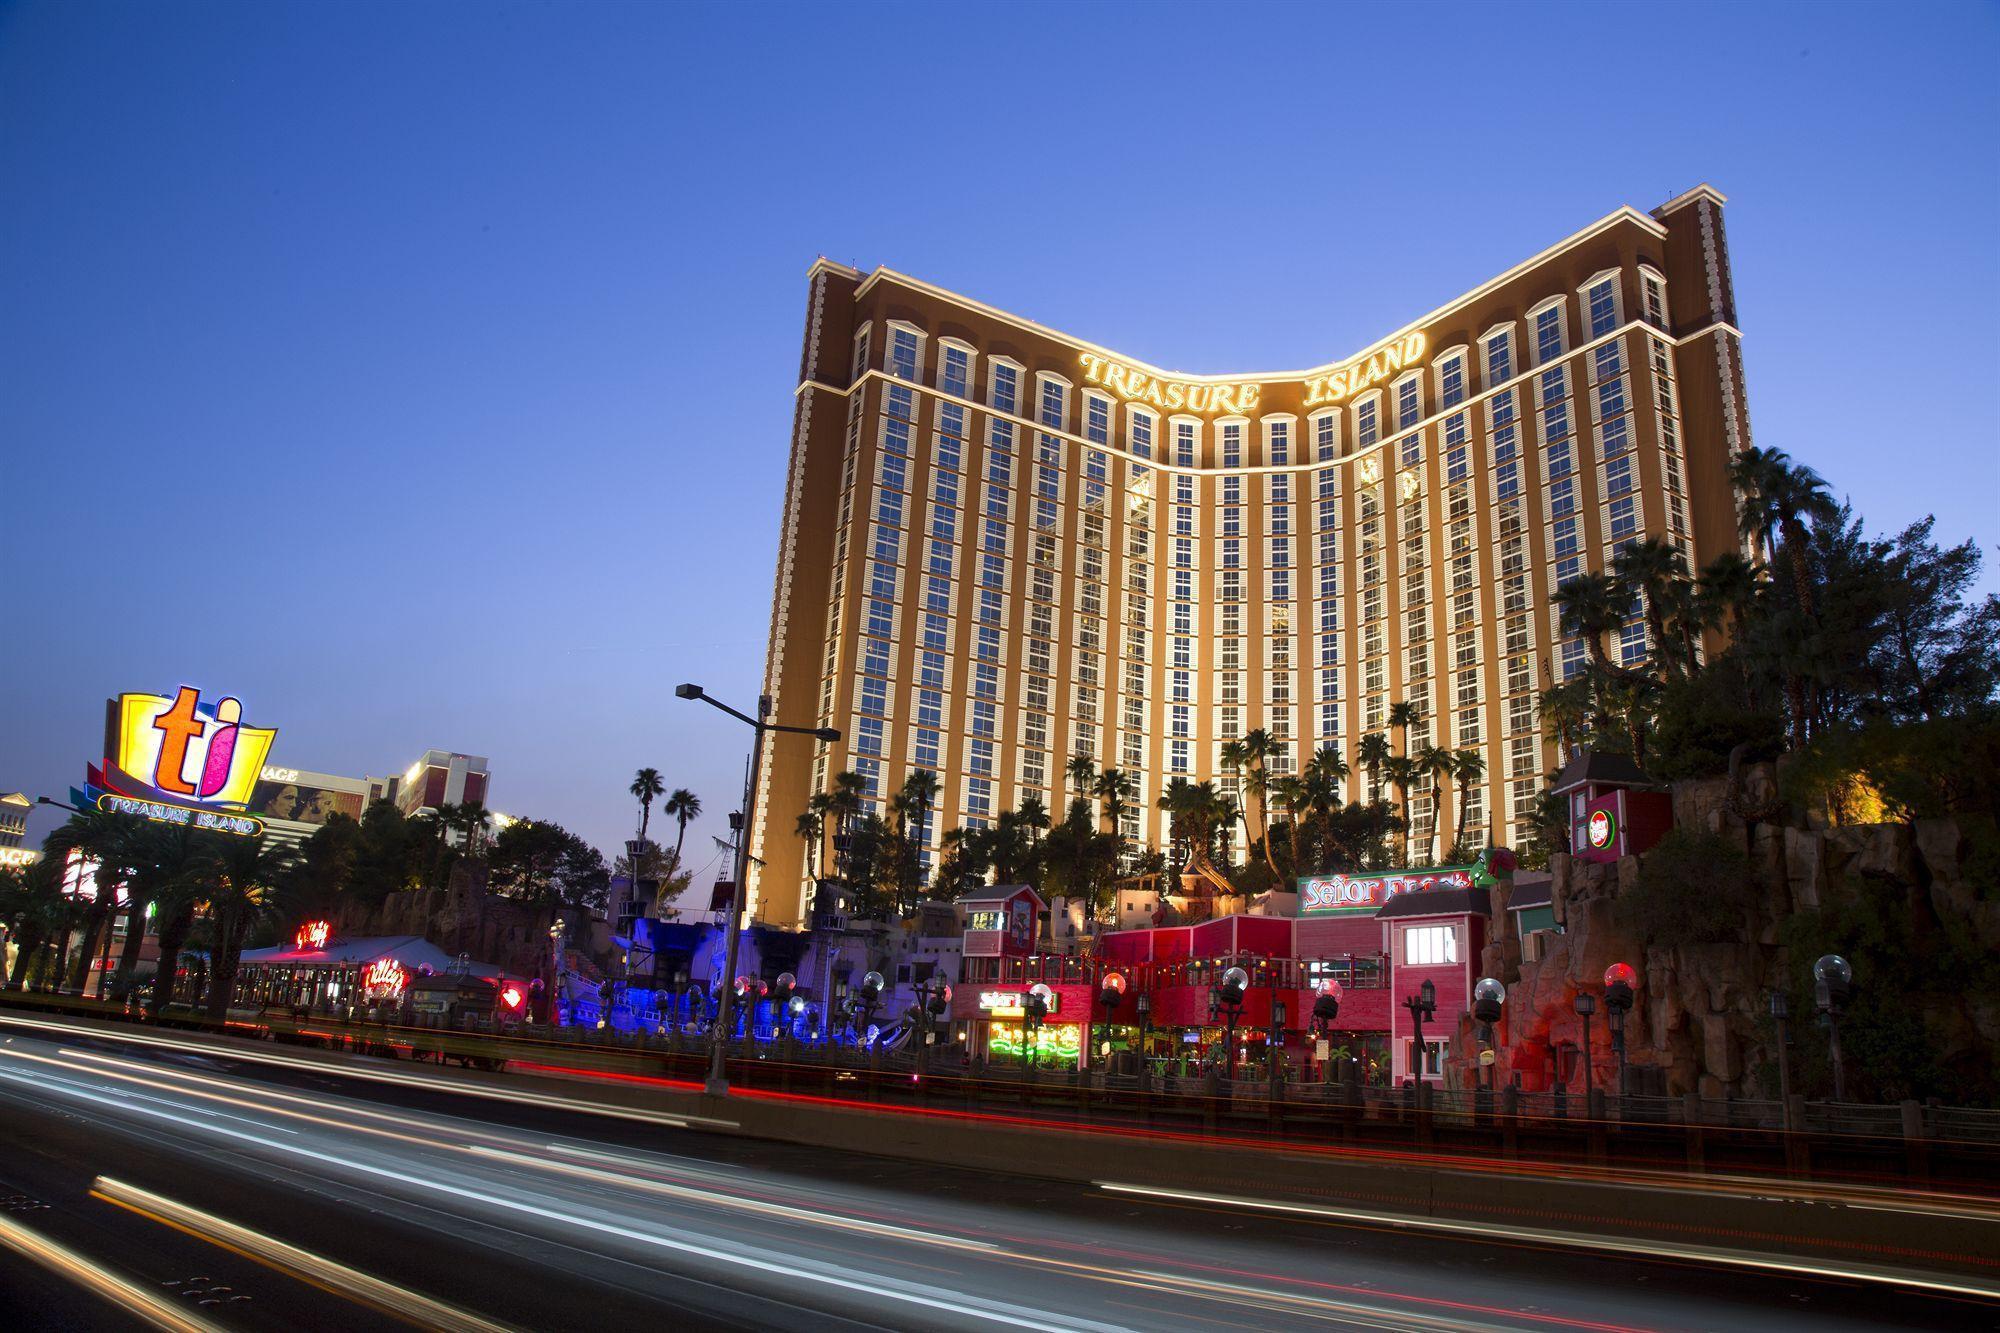 TI - Treasure Island Hotel and Casino